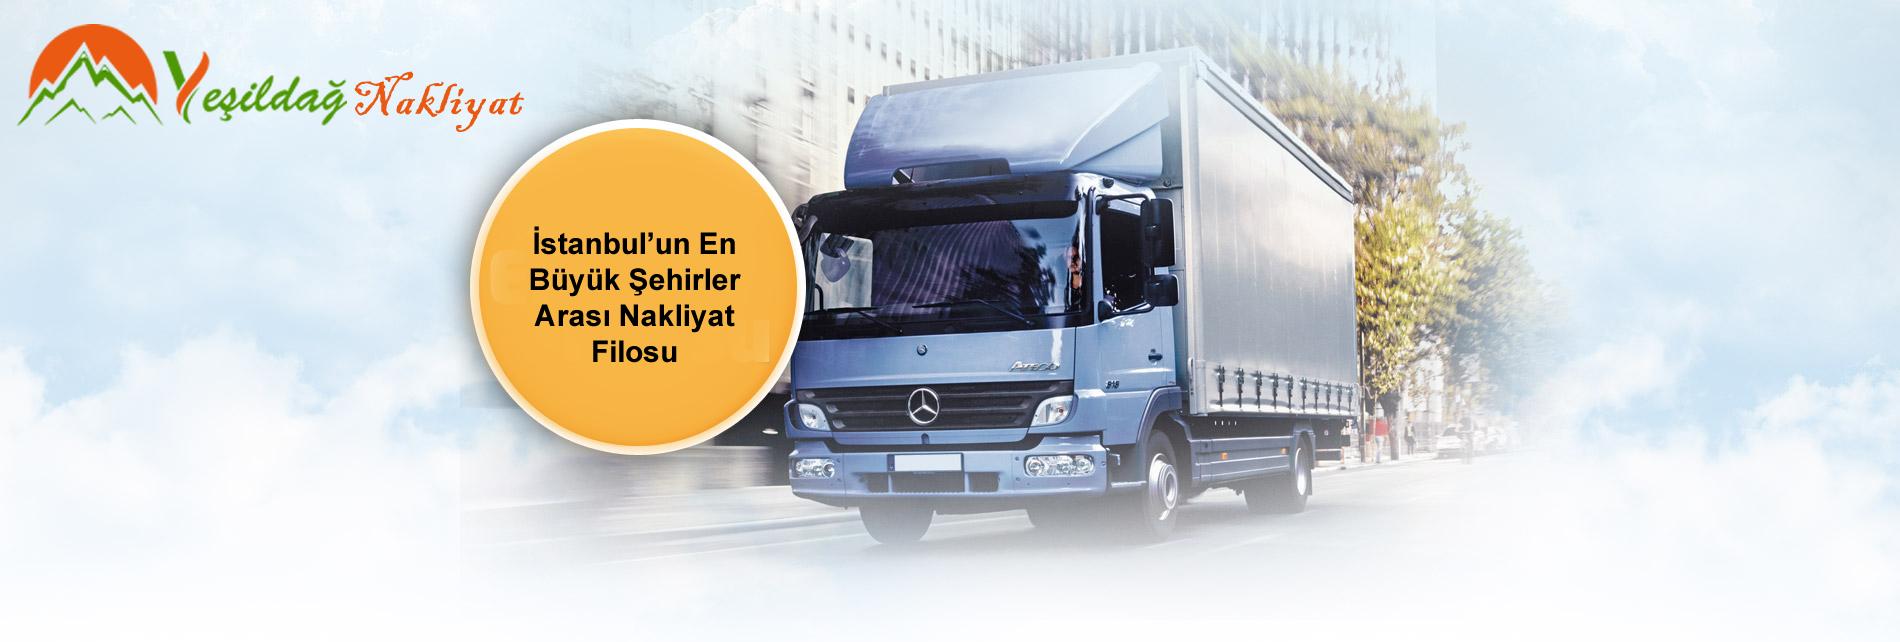 İstanbul şehirler arası nakliyat aracı, İstanbul şehirler arası taşımacılık fiyatları, şehirler arası evden eve nakliyat, şehirler arası nakliyat ambarı